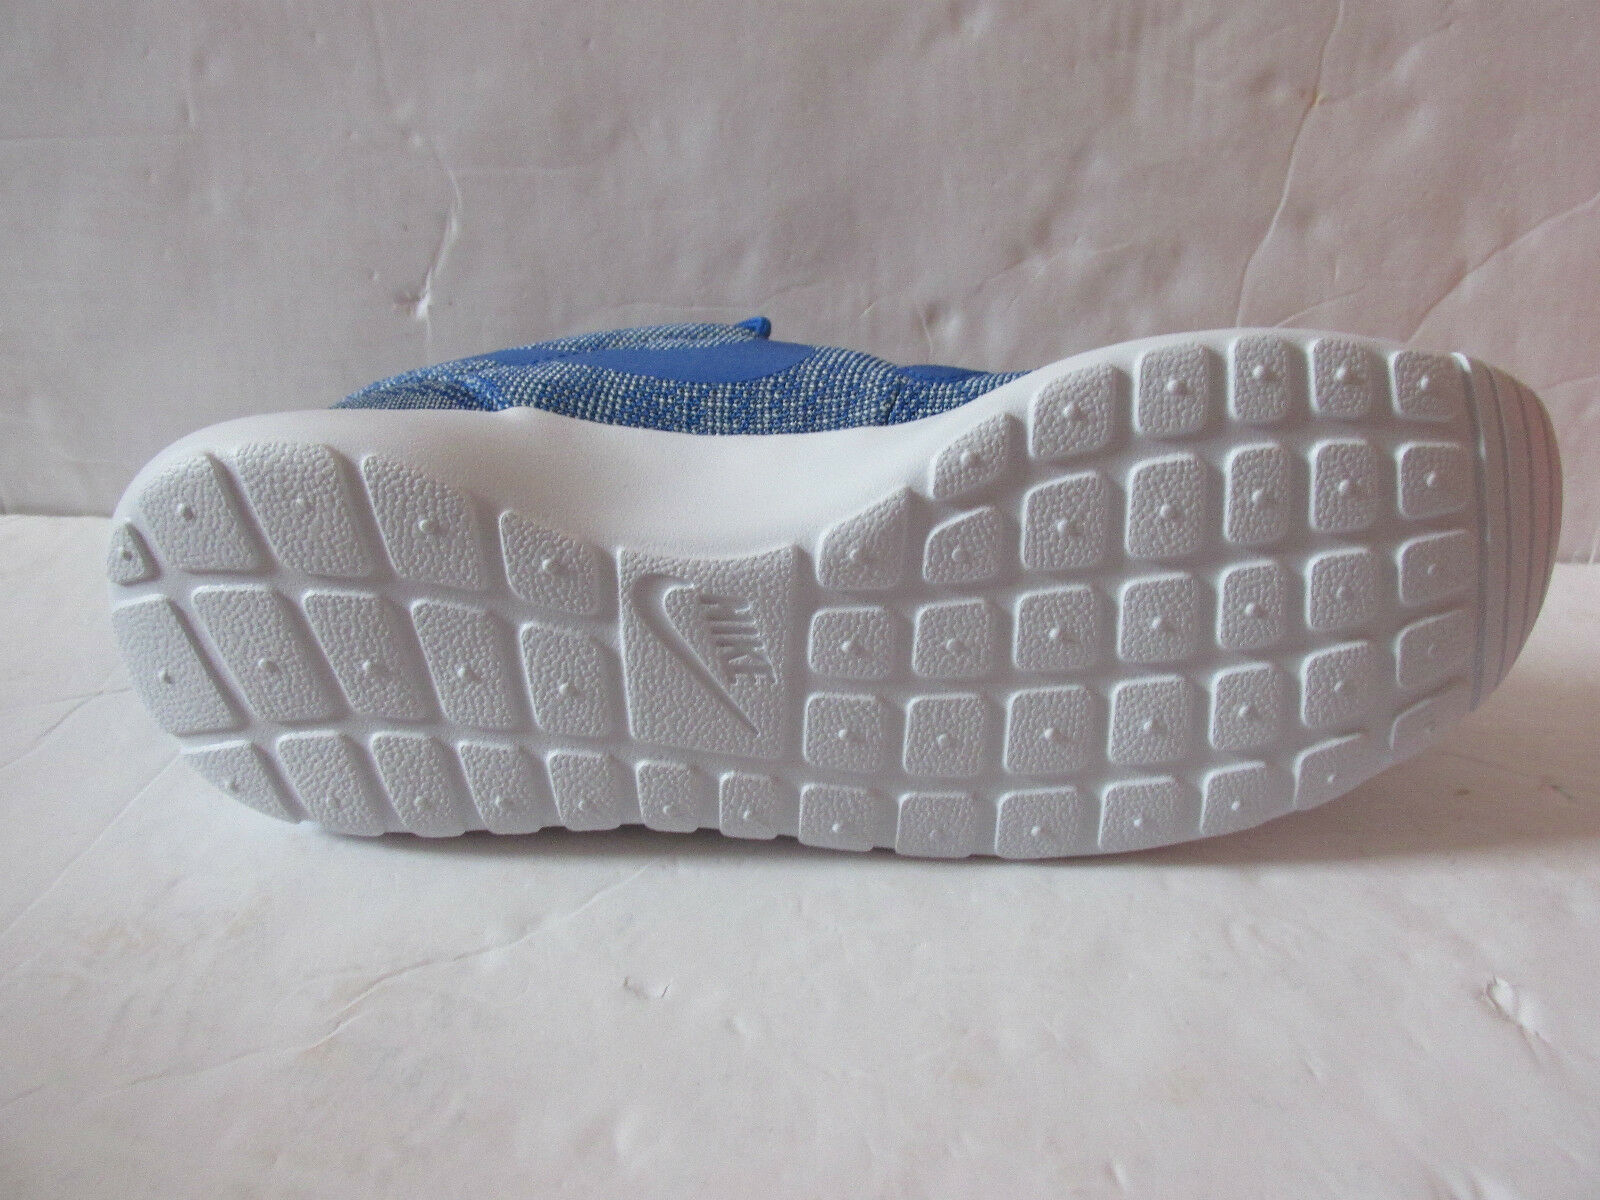 Nike Roshe One Kjcrd Herren Laufschuhe 777429 401 Turnschuhe Turnschuhe Turnschuhe 2ff3e0